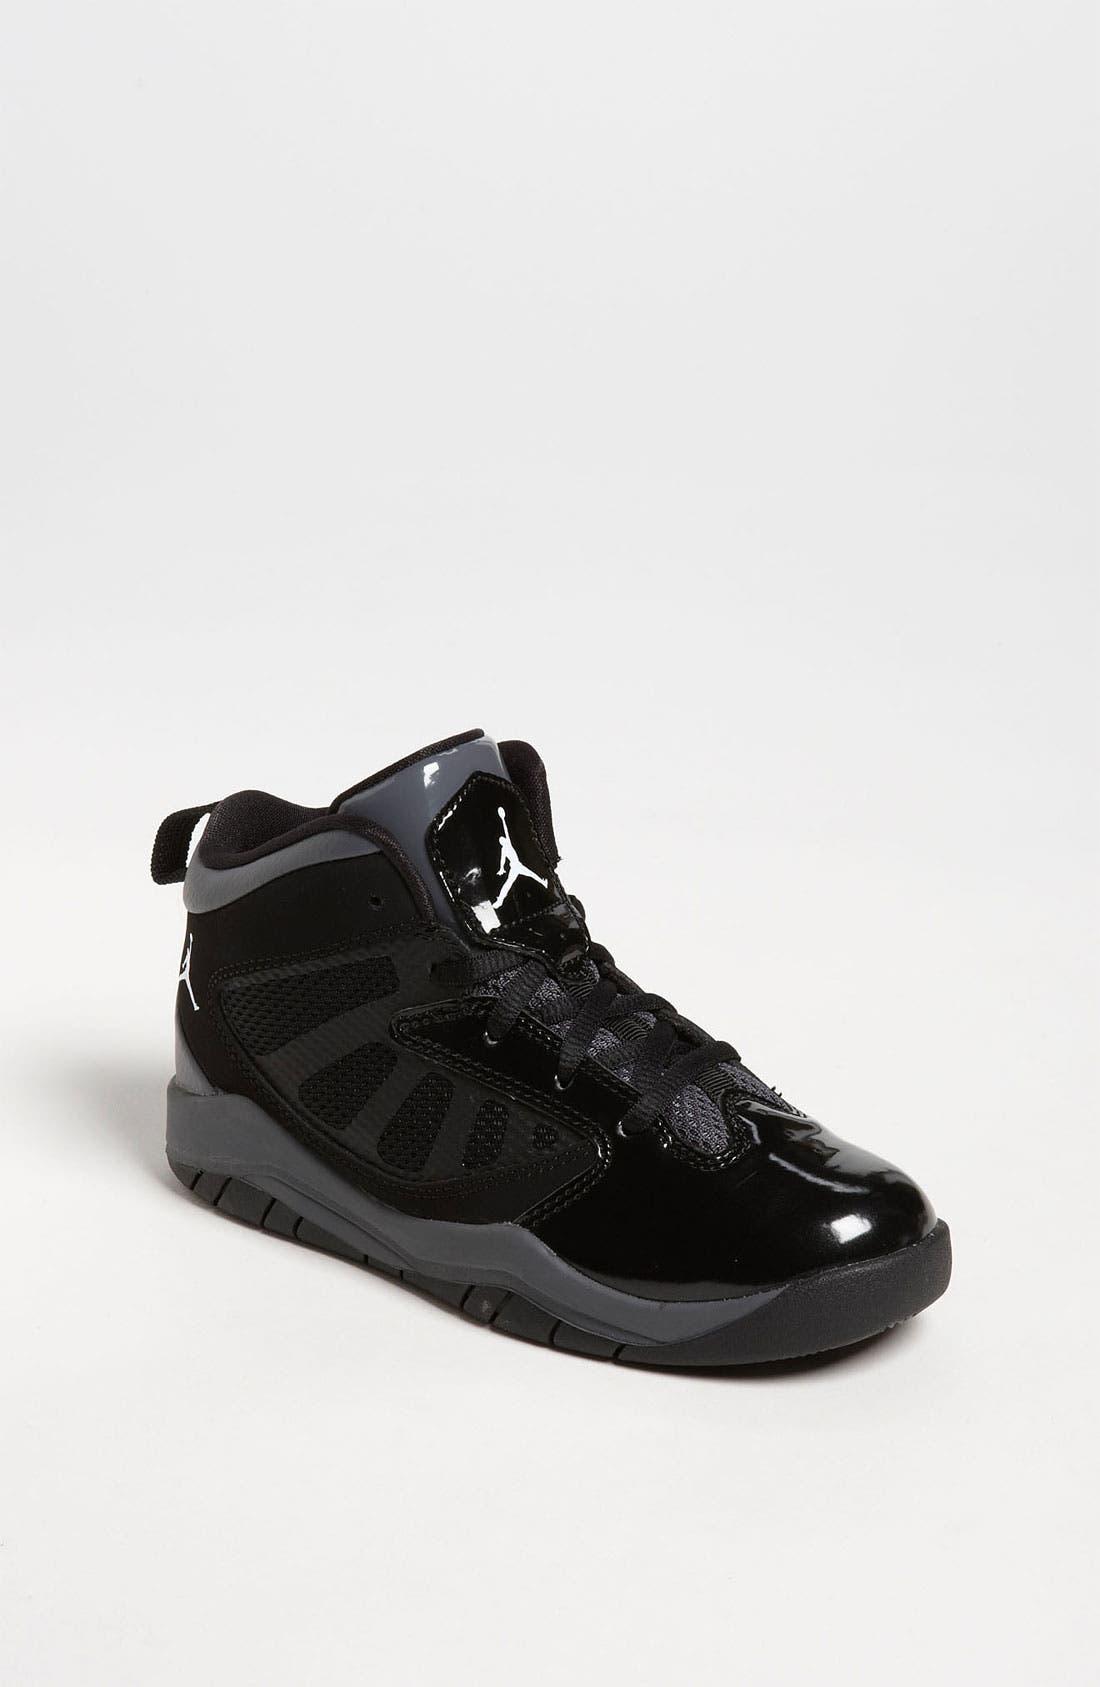 Alternate Image 1 Selected - Nike 'Jordan Flight Team 11' Basketball Shoe (Toddler & Little Kid)